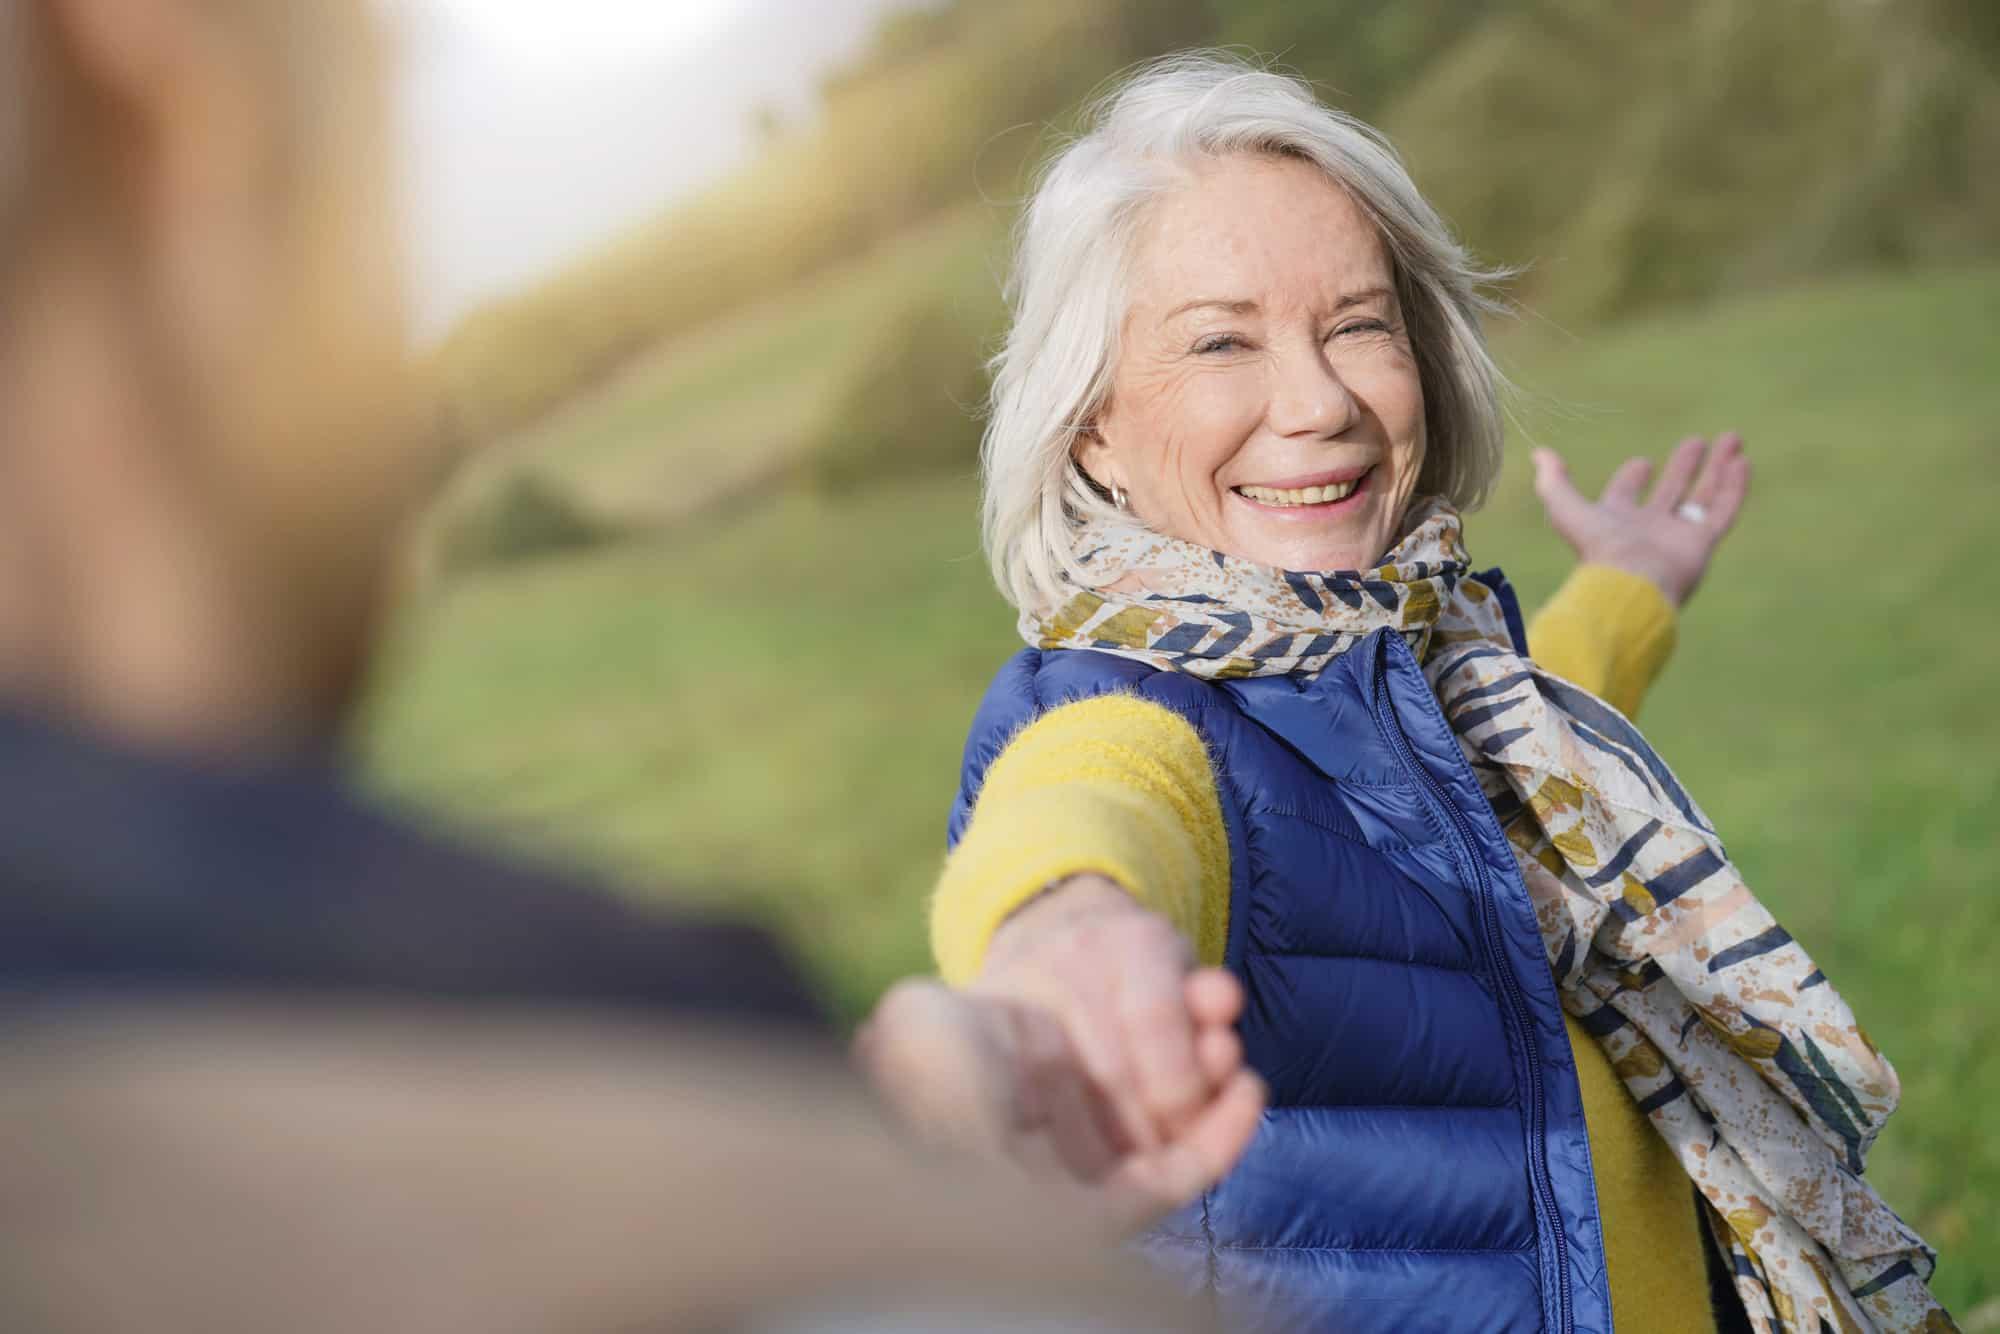 Book coach - older woman lending a hand